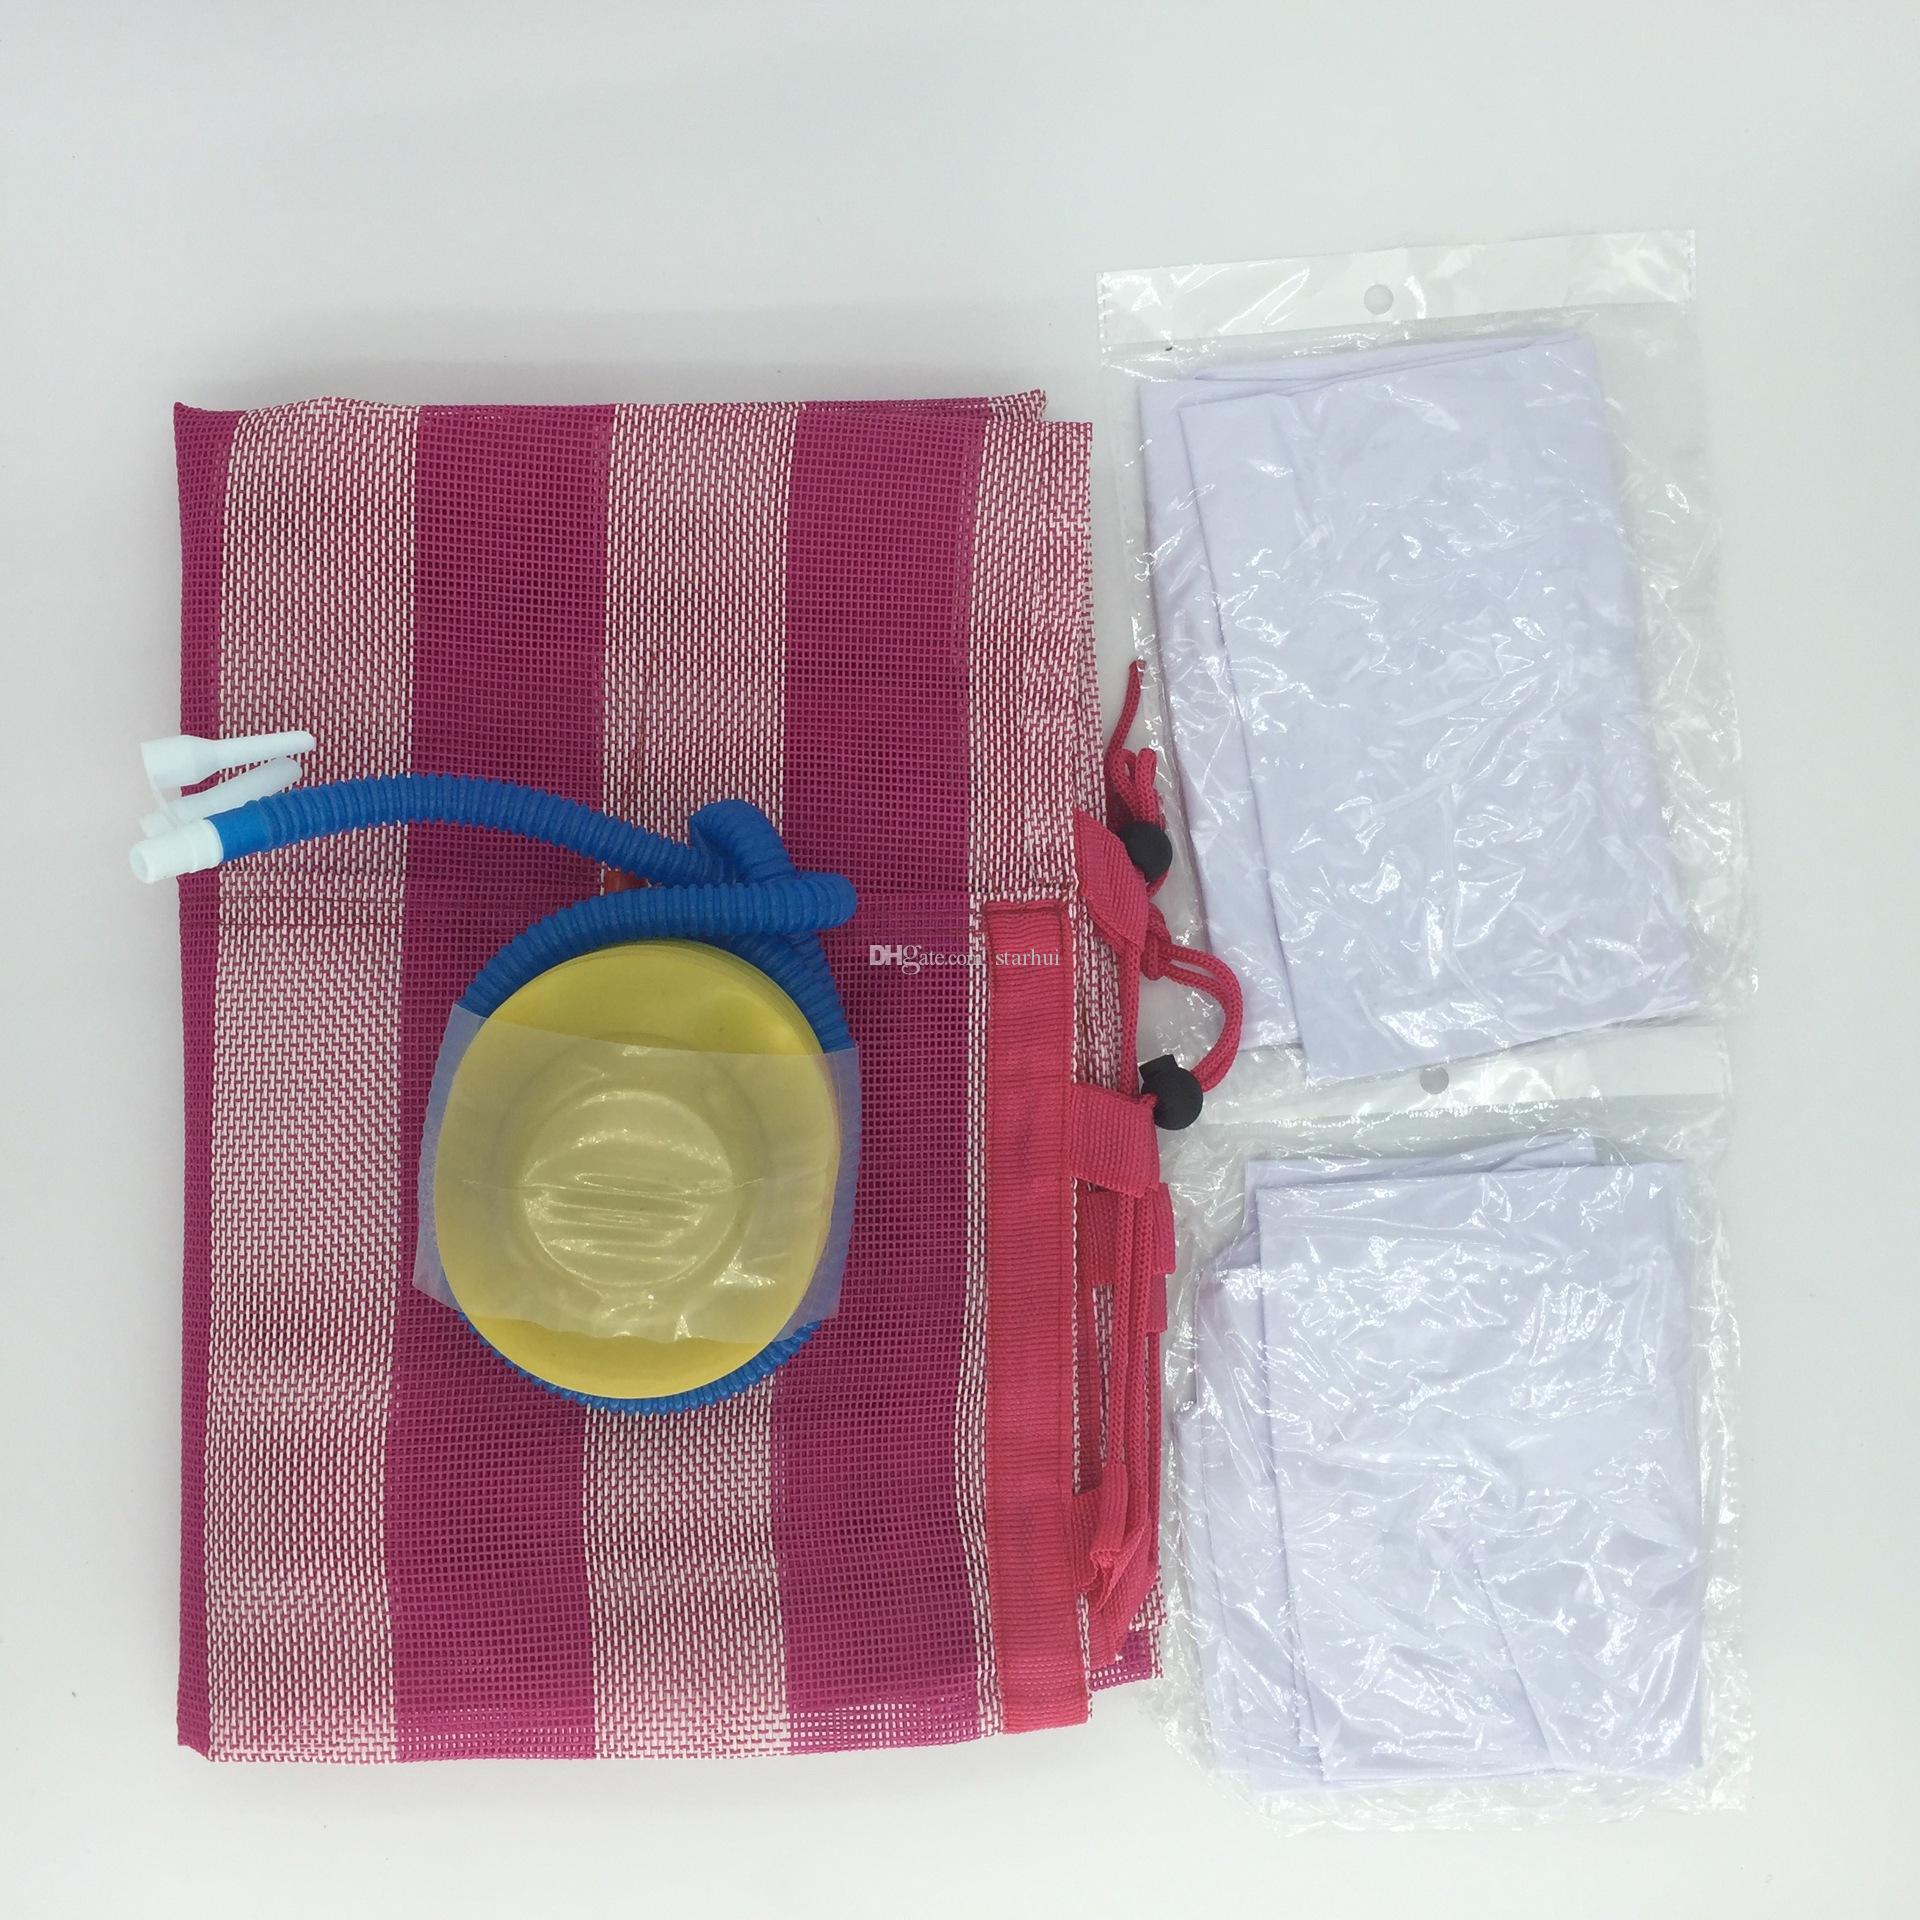 Piscina flotante inflable de la cama de las piscinas de la hamaca del agua de la moda para la playa que juega la herramienta 70 * 132cm WX9-591